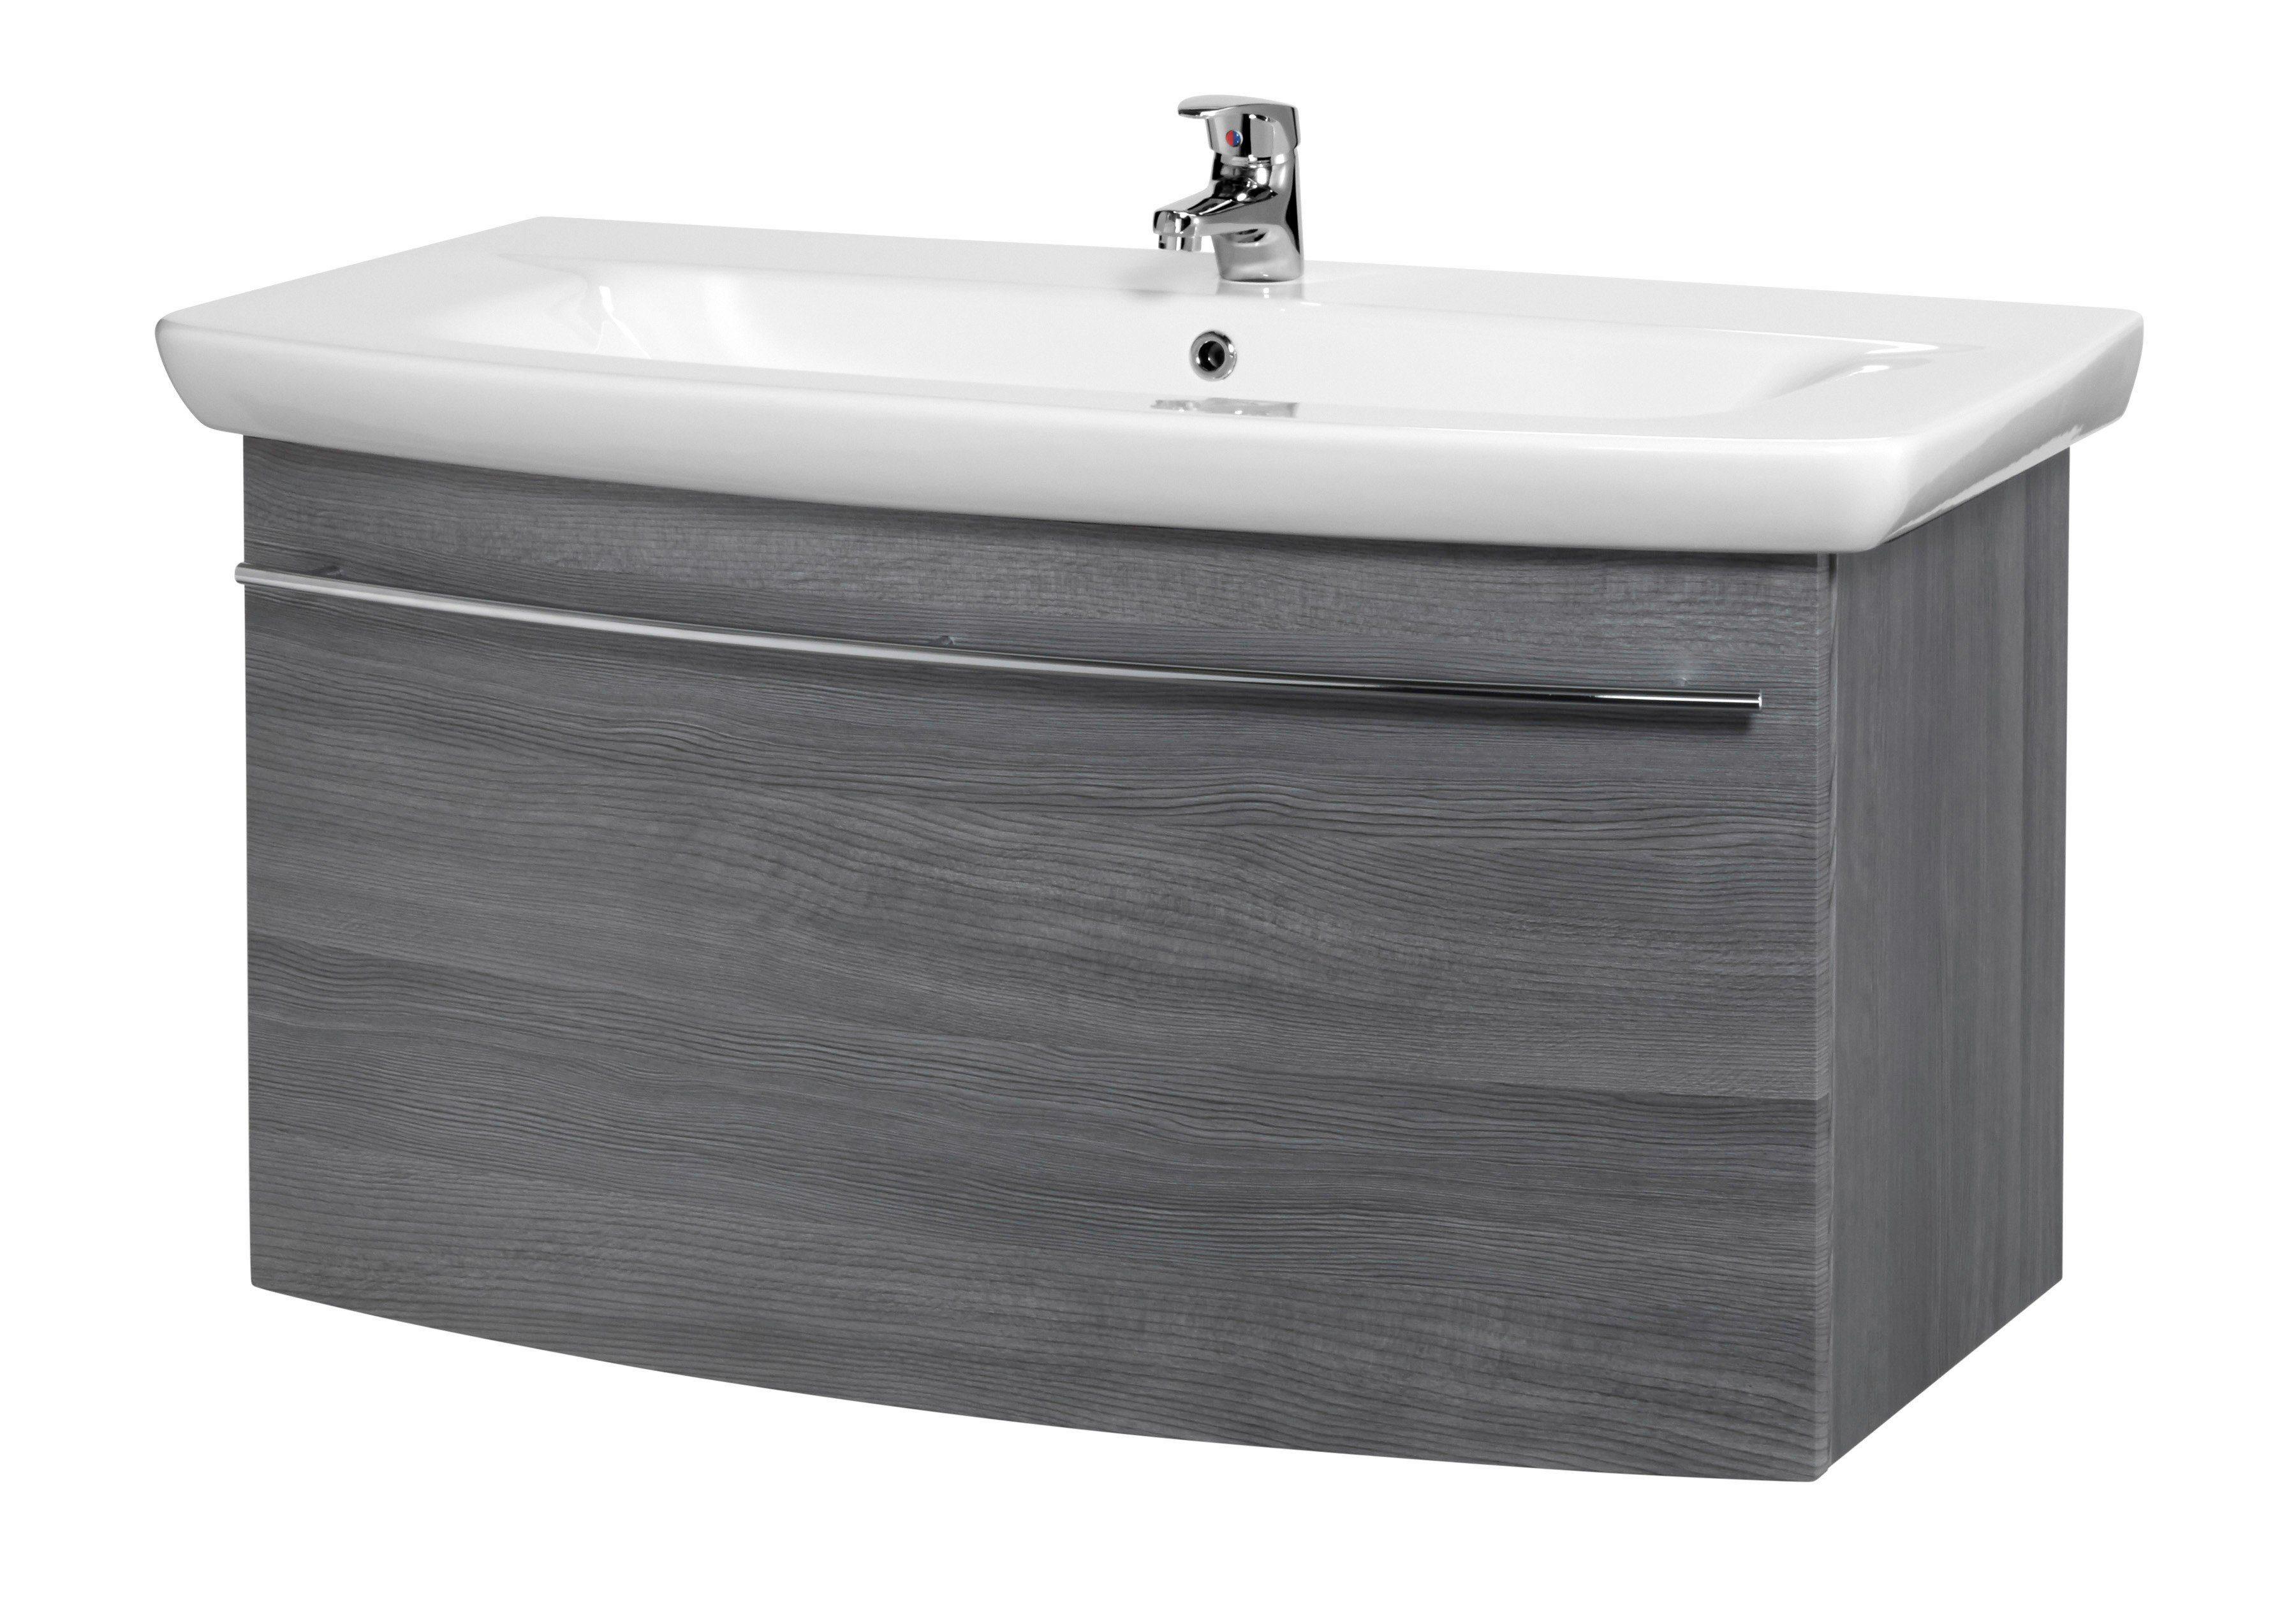 Badkamermeubel 50 Breed : Badkamermeubel kopen badkamermeubels al vanaf u ac otto